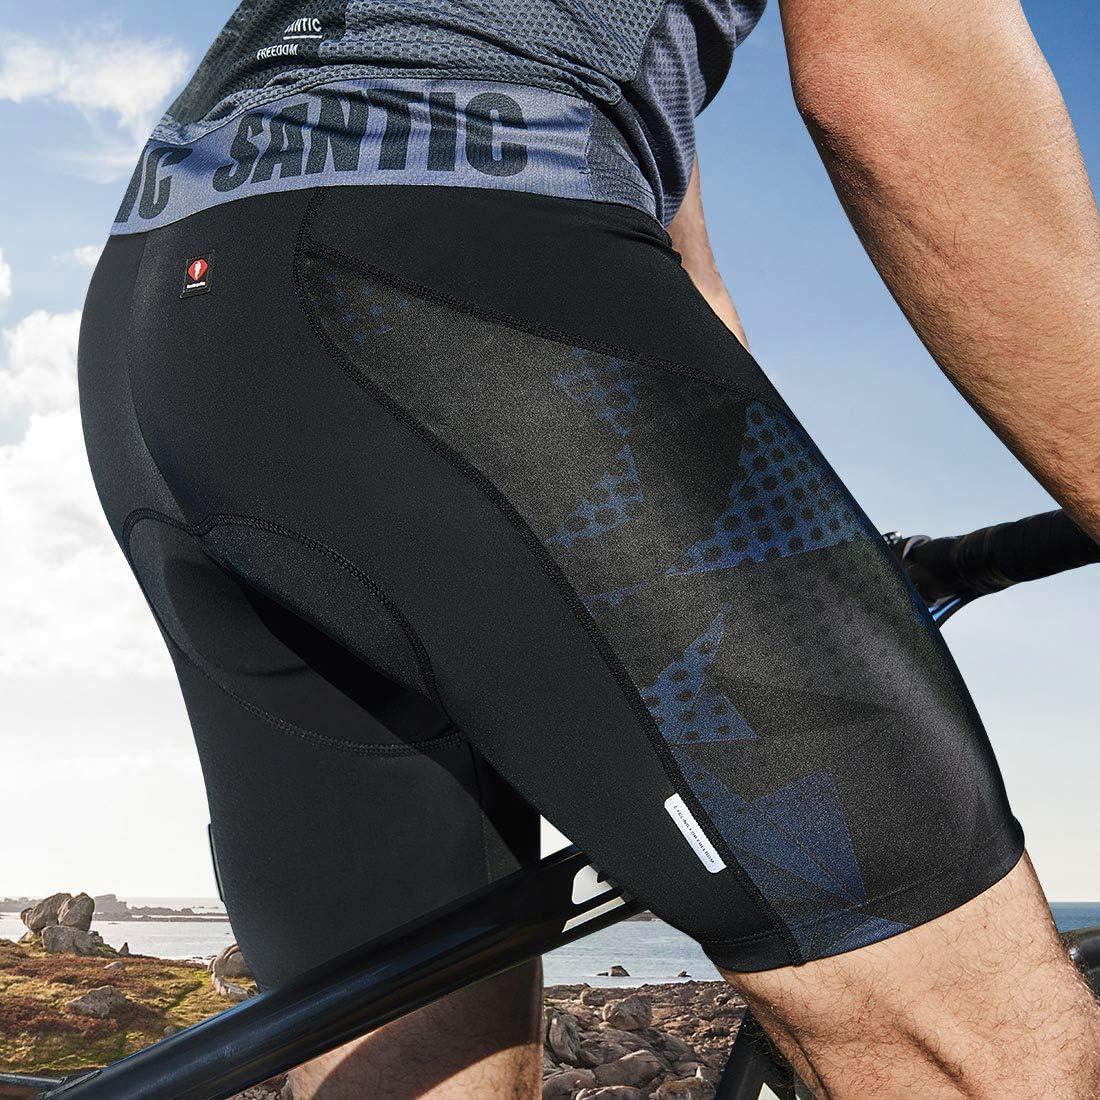 Santic Padded Cycling Shorts Men Cycle Biking Shorts Riding Half Pants Tights Lycra Elastic